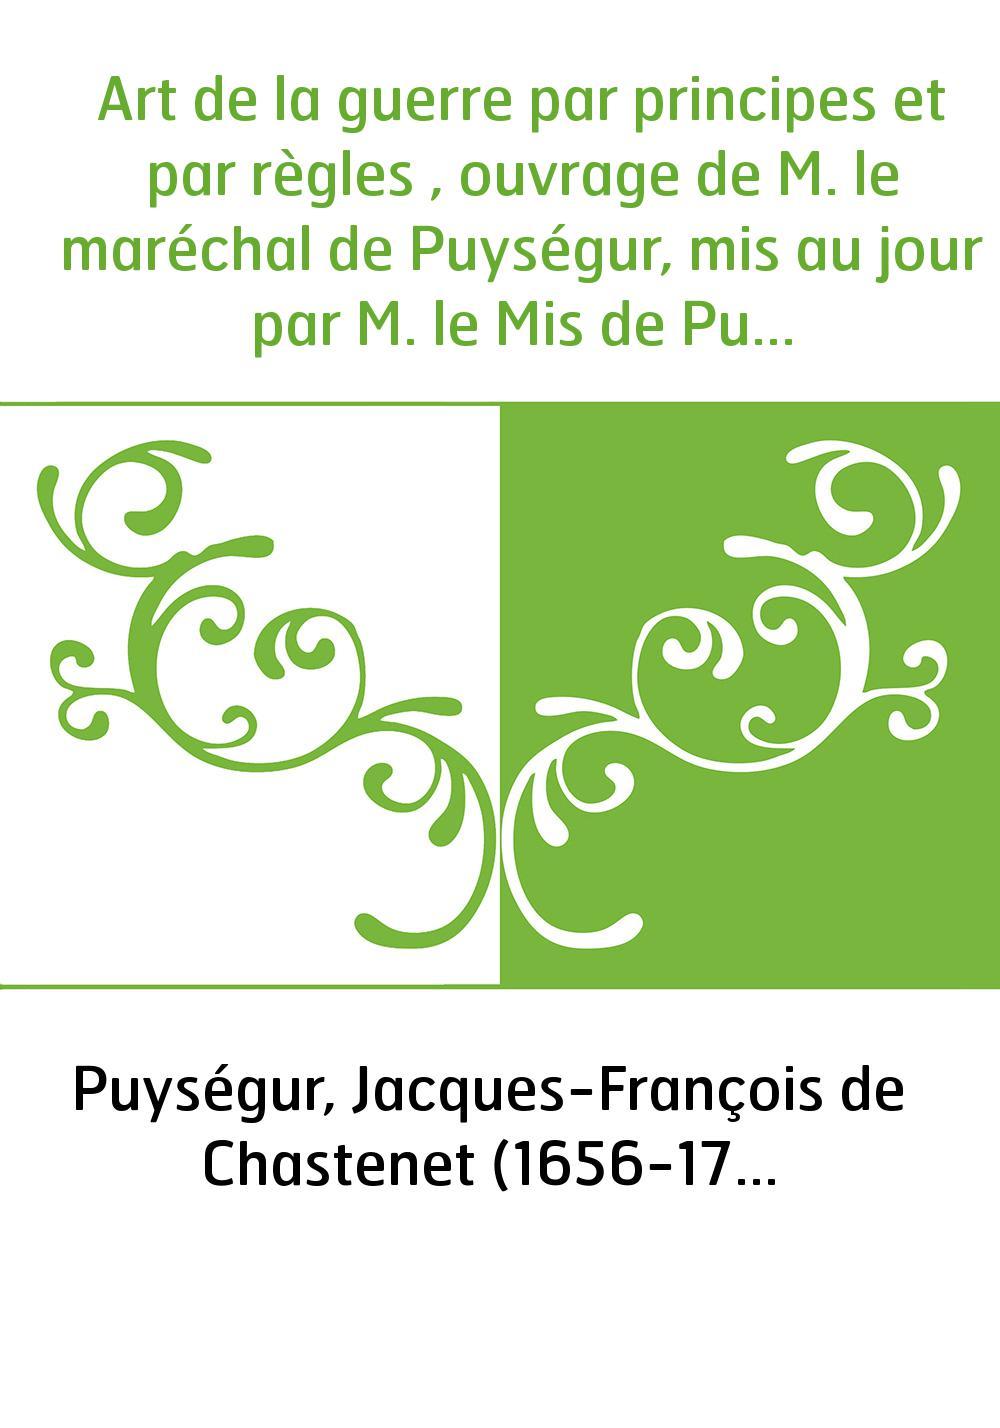 Art de la guerre par principes et par règles , ouvrage de M. le maréchal de Puységur, mis au jour par M. le Mis de Puysègur, son